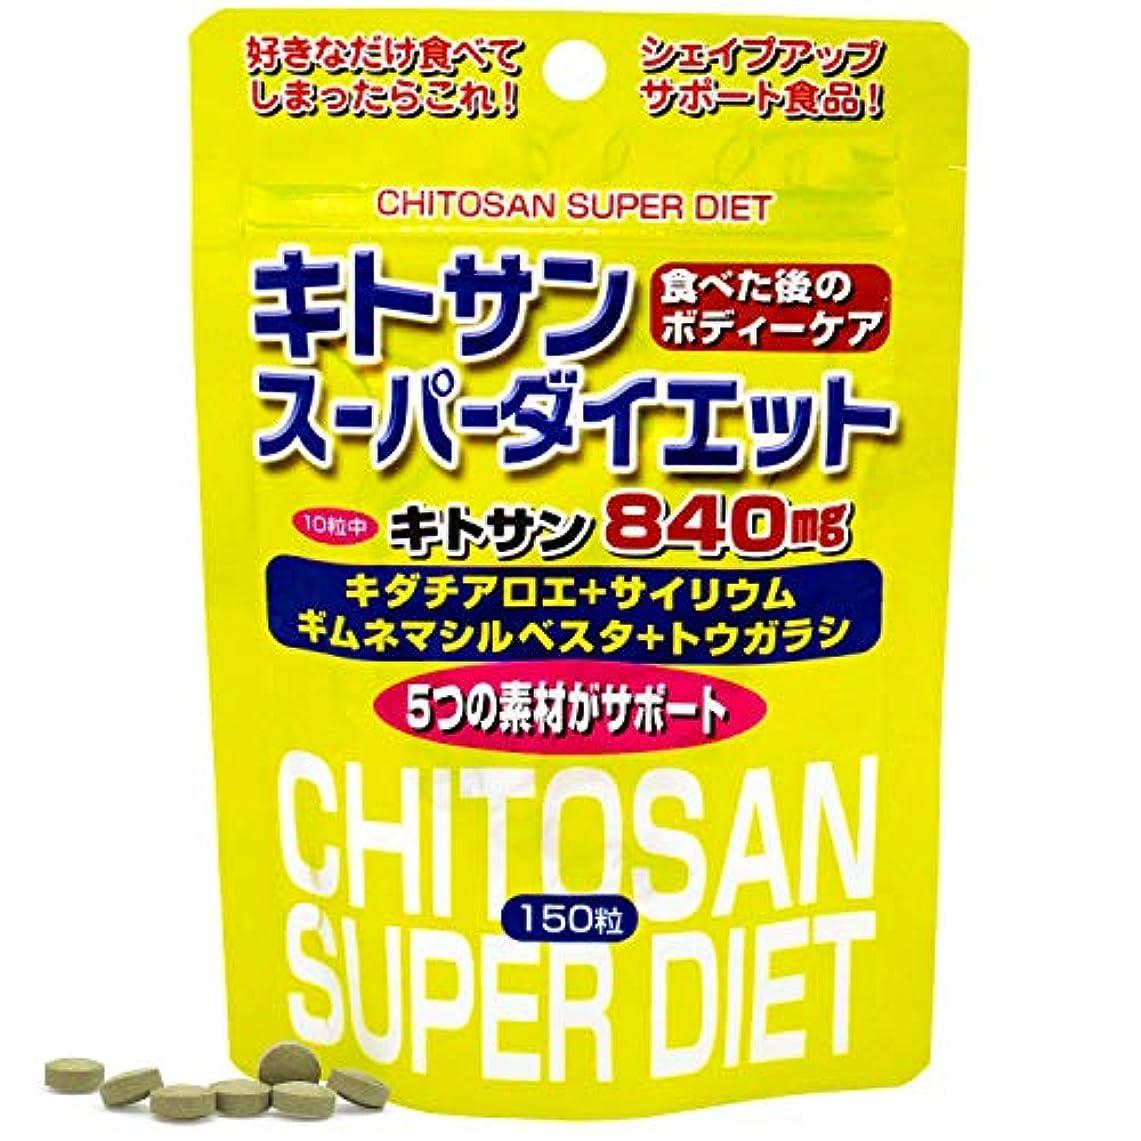 苦しみ受け入れ許さないユウキ製薬 スタンドパック キトサンスーパーダイエット 15-21日分 150粒